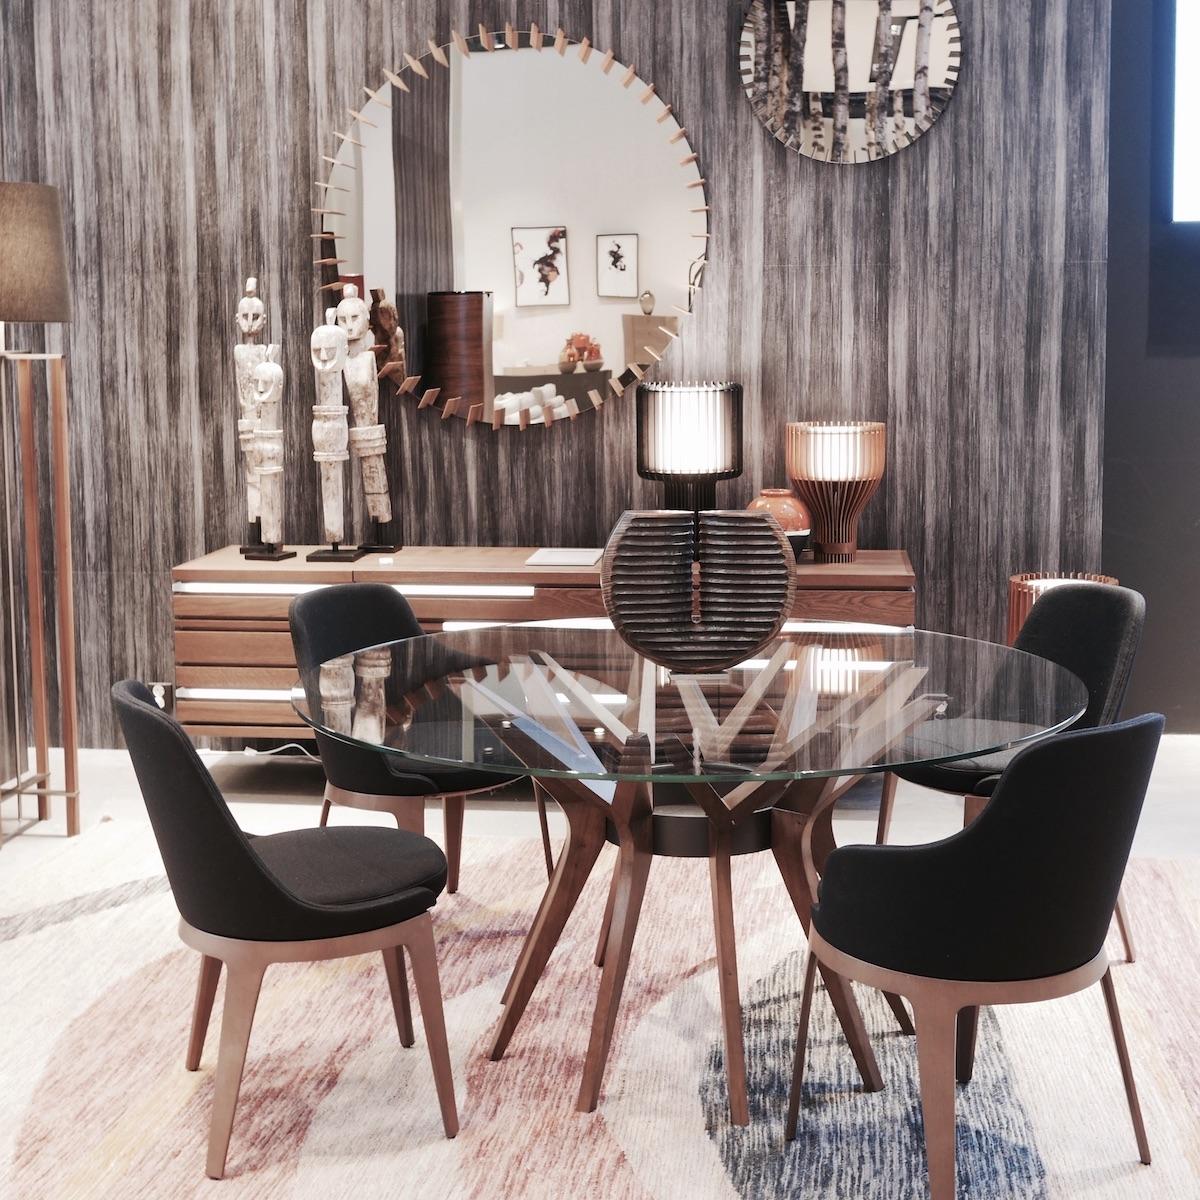 salle à manger déco ethnique table ronde verre bois statuette africaine pierre design